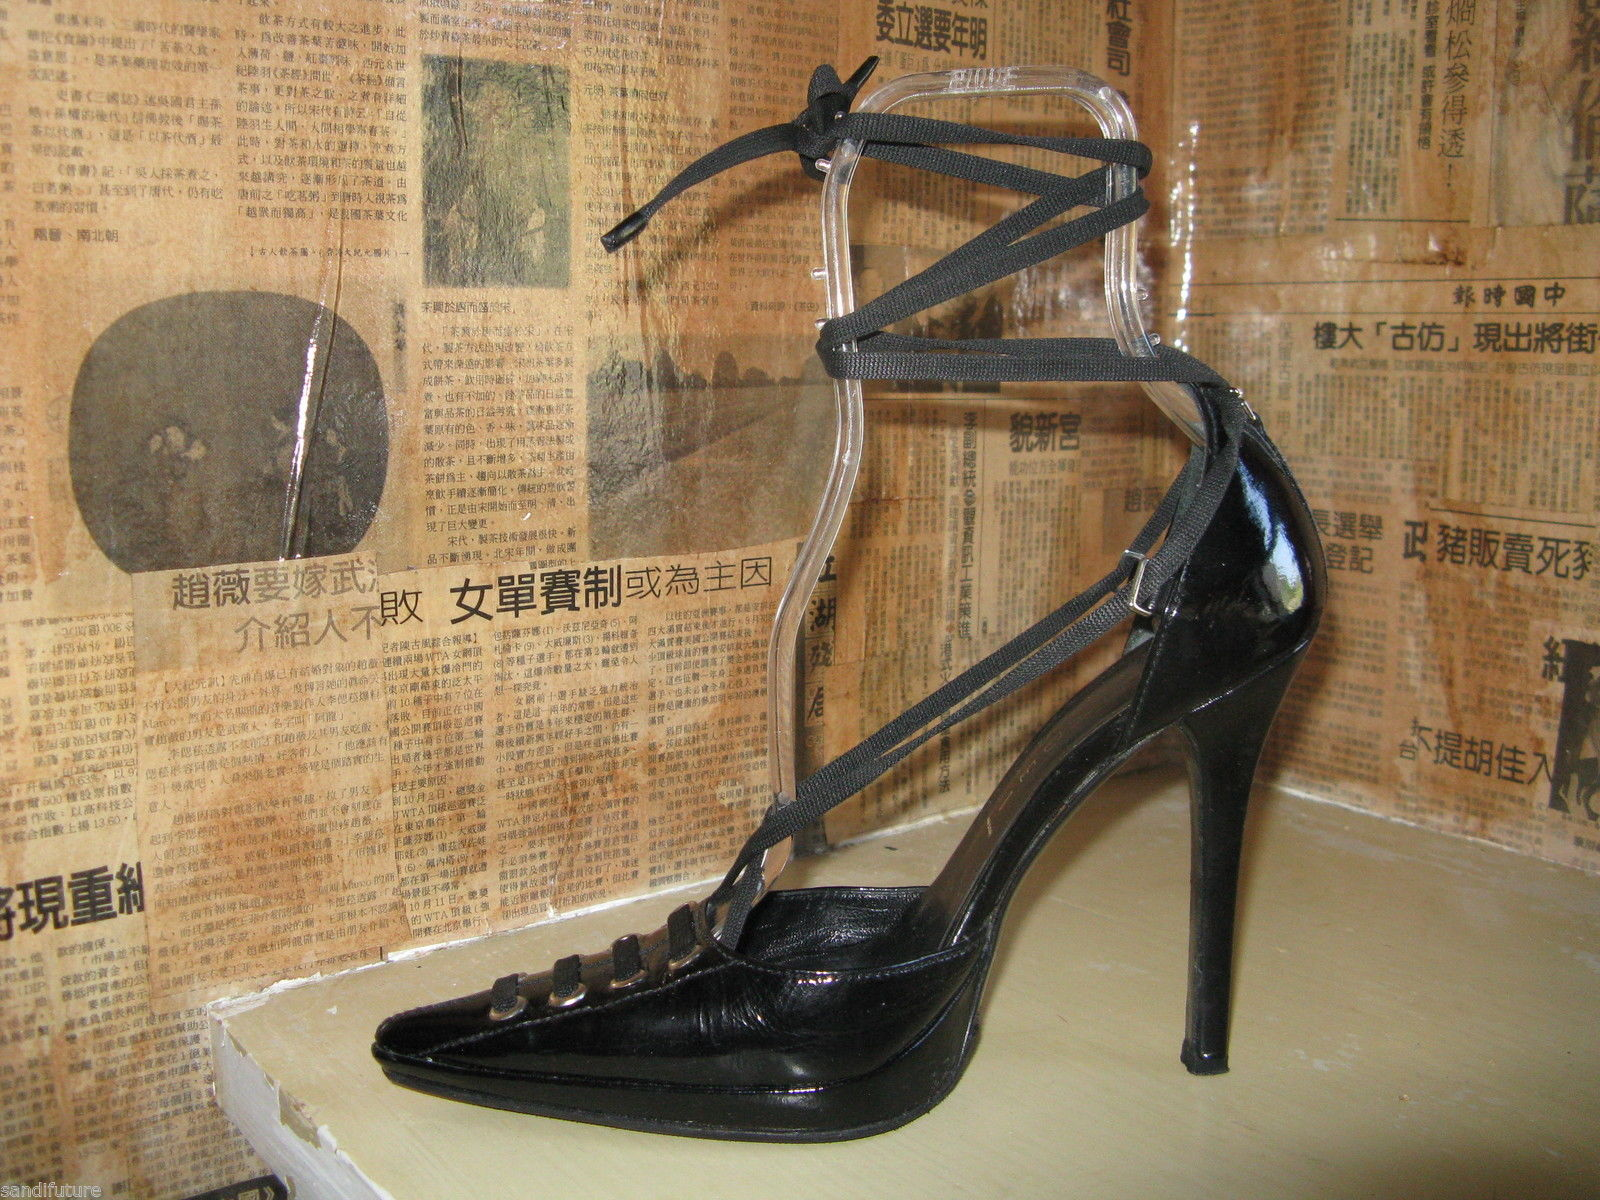 Casadei corset laced bondage stiletto shoes 6.5 UK4 36